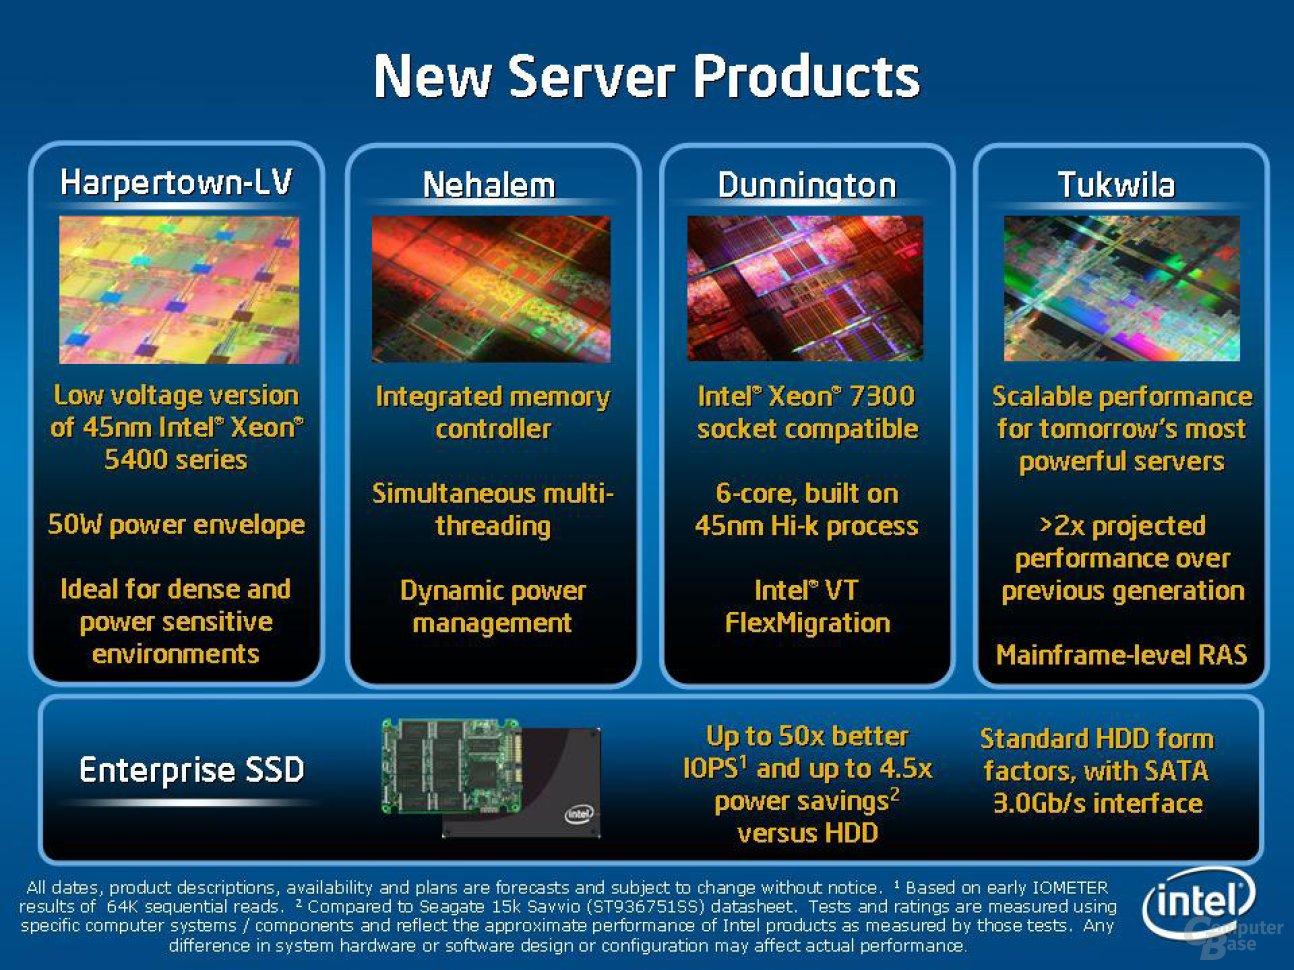 Serverprodukte für 2008 im Überblick